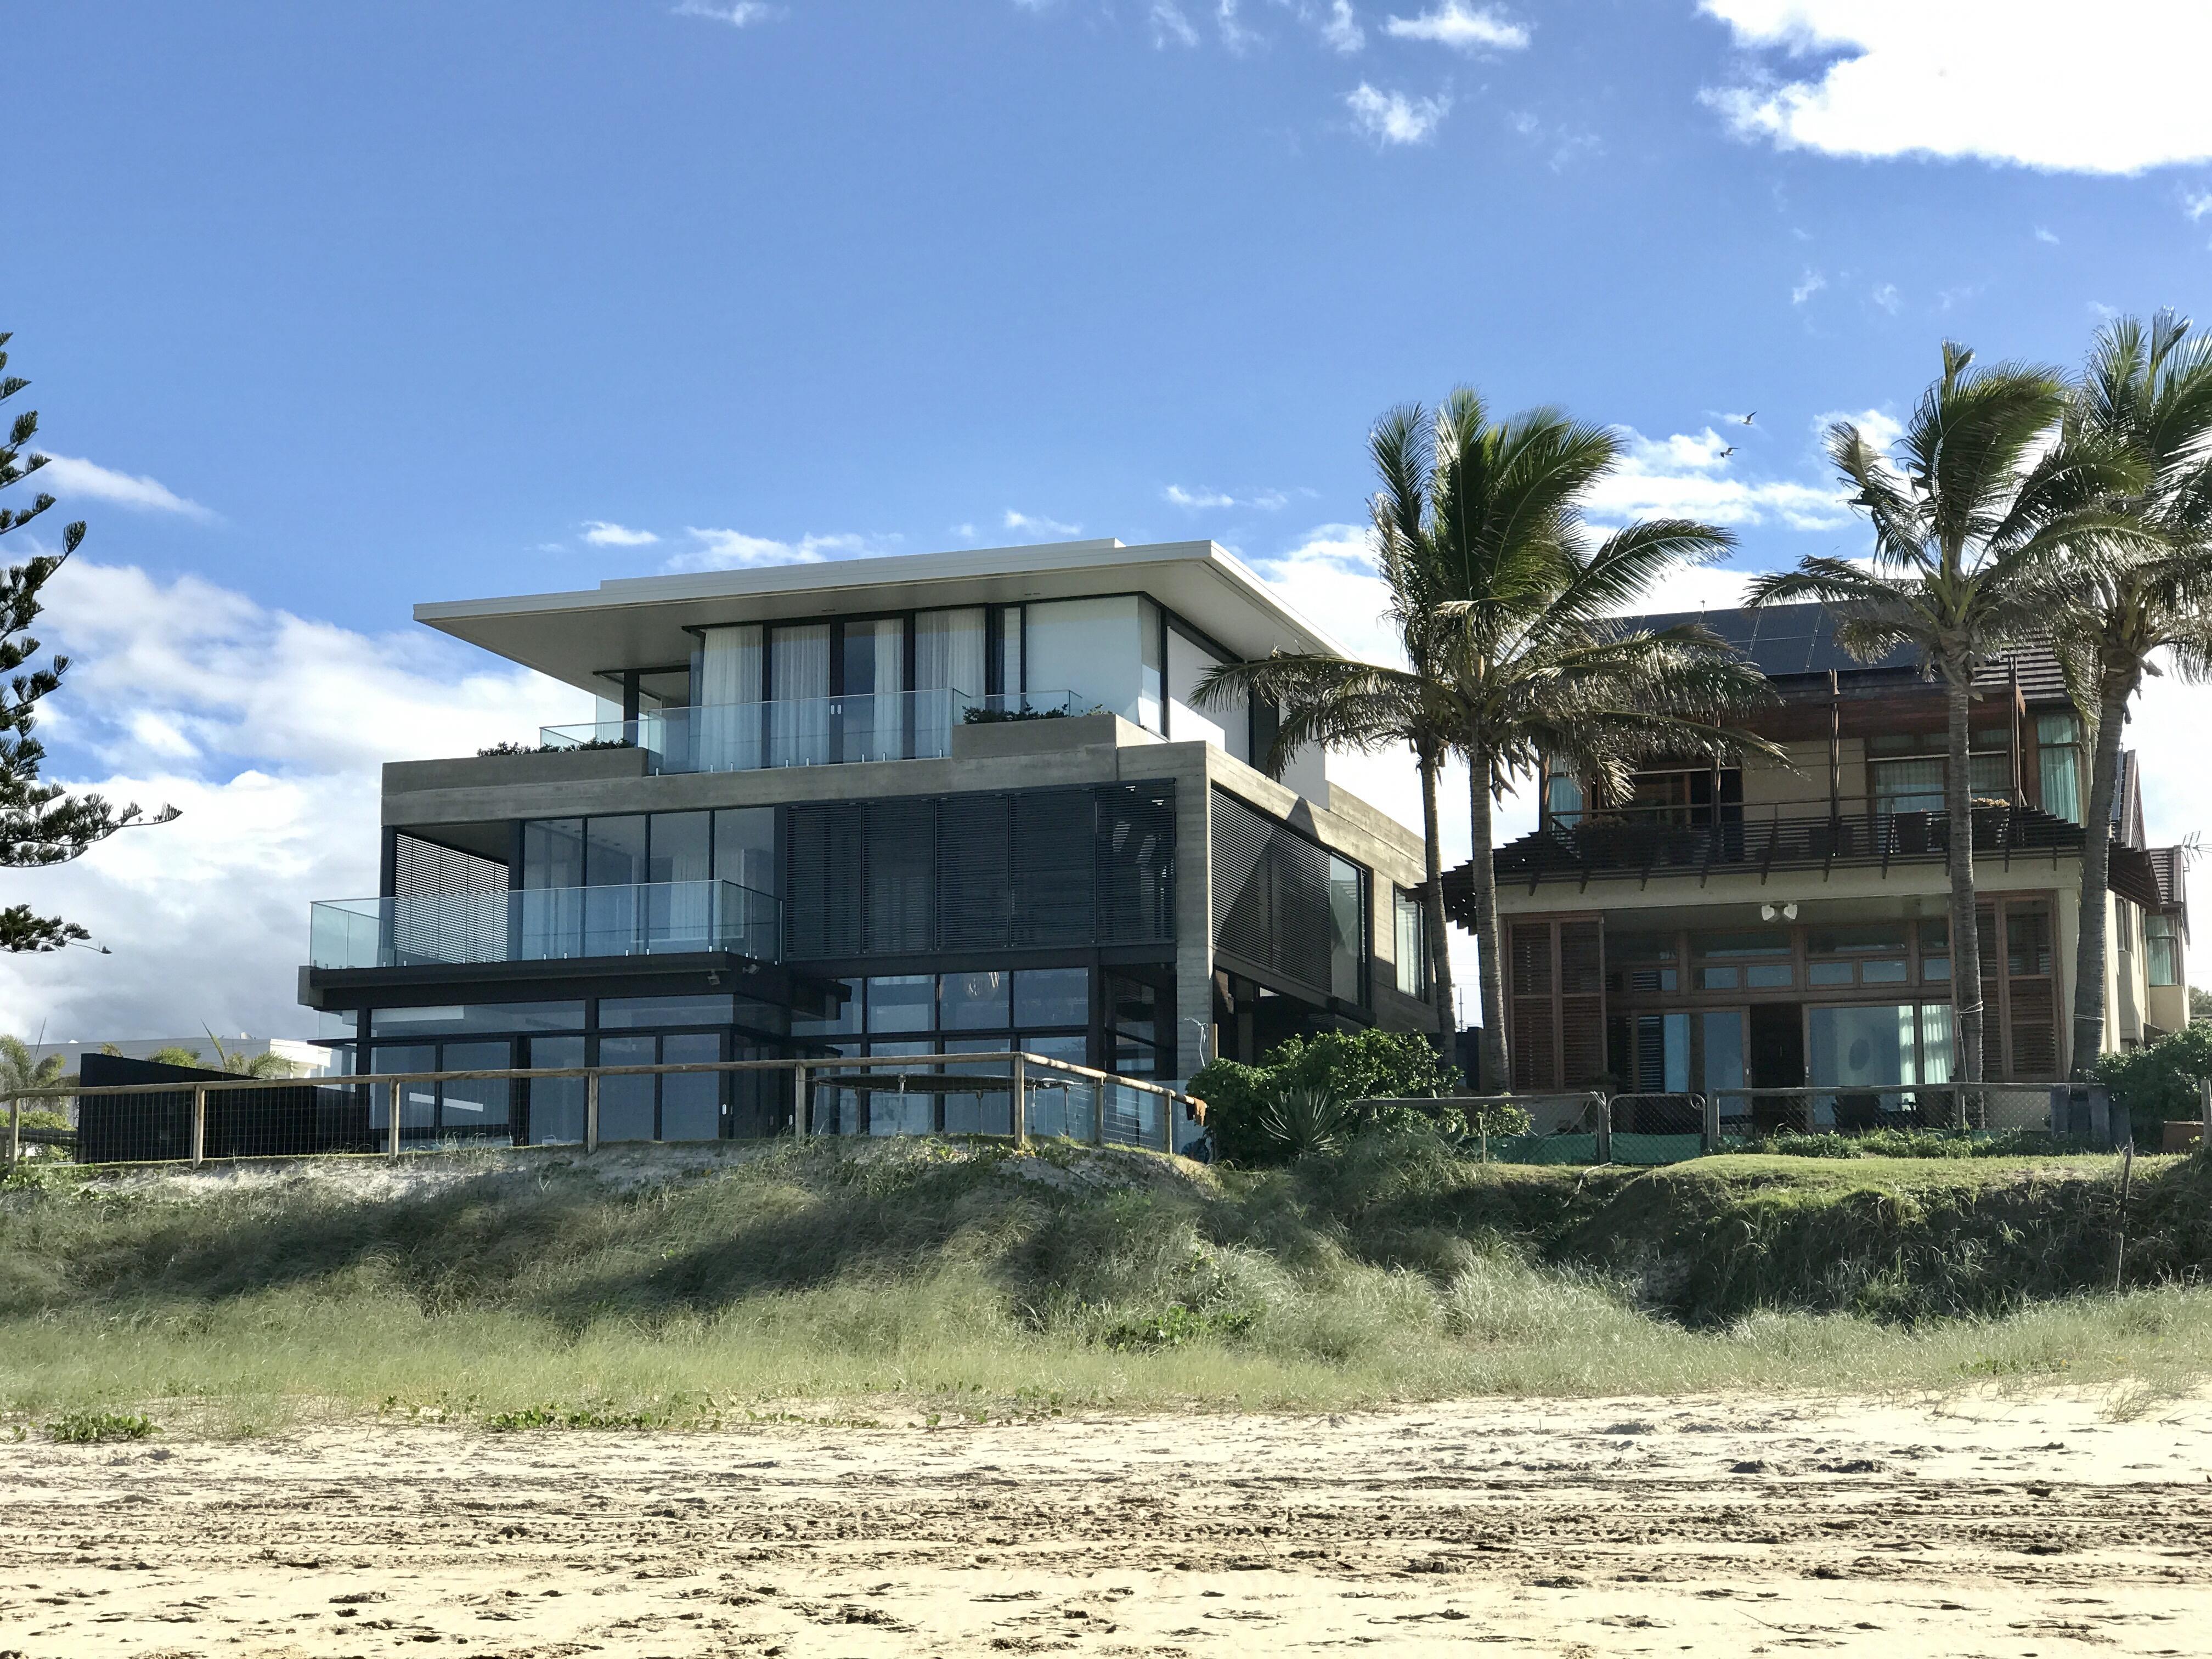 File Beach houses in Mermaid Beach Queensland 01 Wikimedia